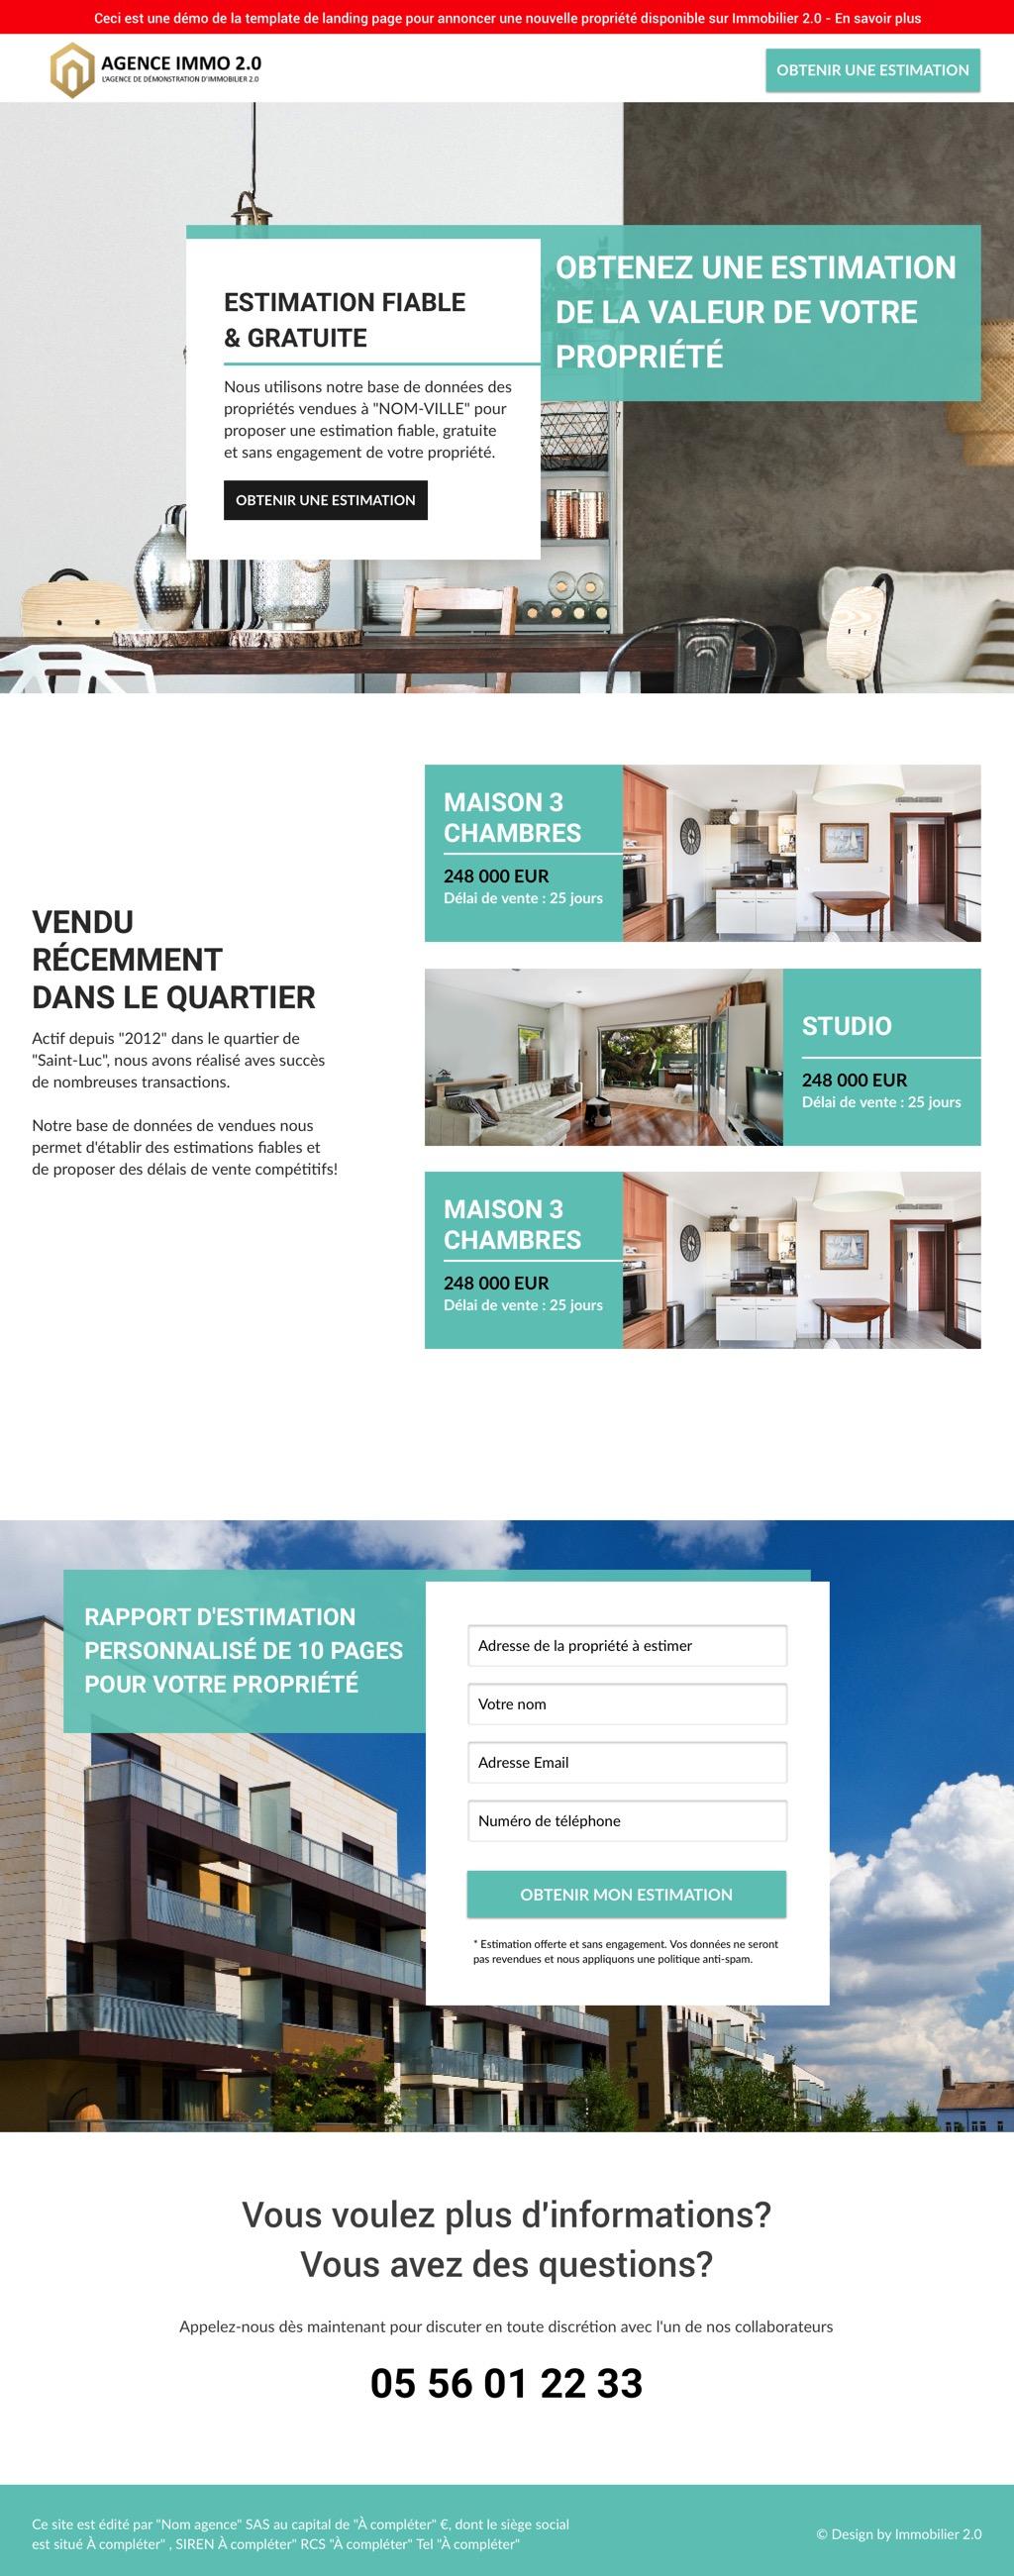 template-estimation-vendeurs-immobilier-landing-pages-bureau-nemo